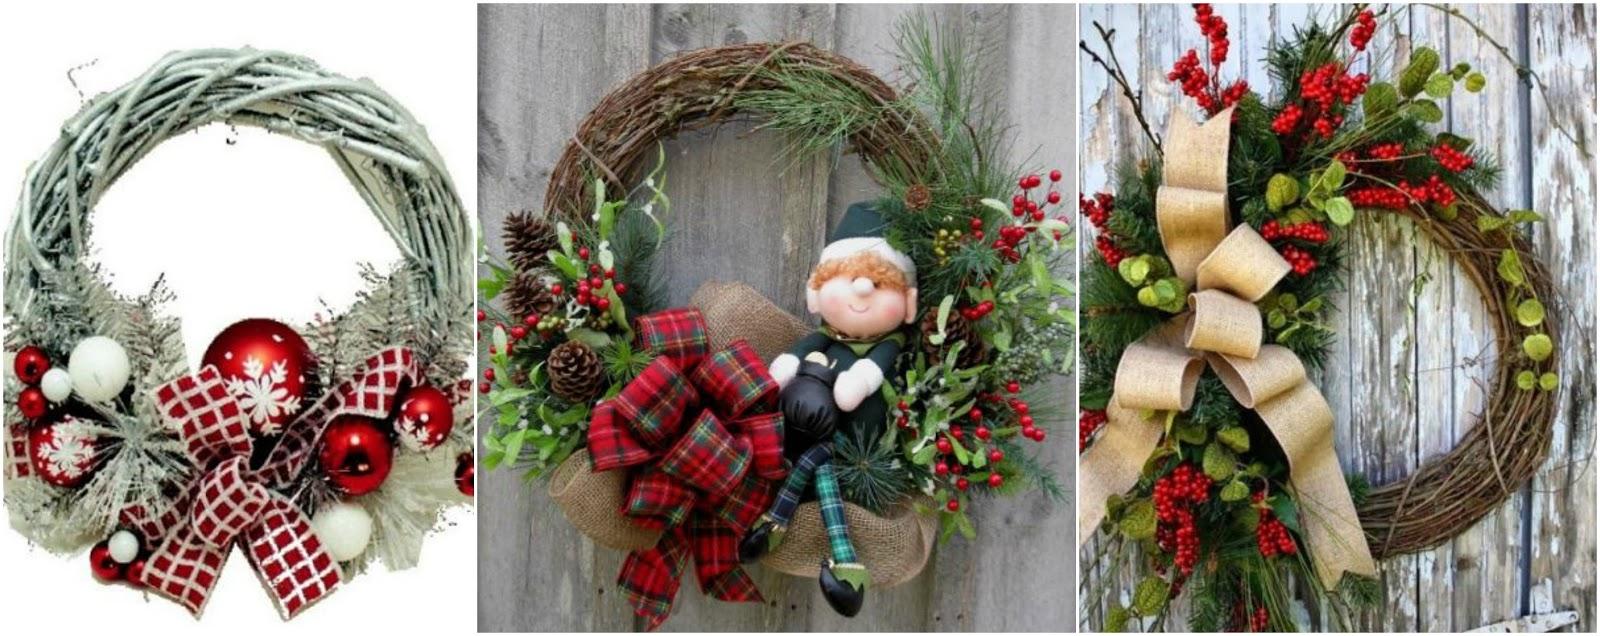 Aprende paso a paso c mo hacer coronas navide as con ramas mimundomanual - Como hacer coronas navidenas ...